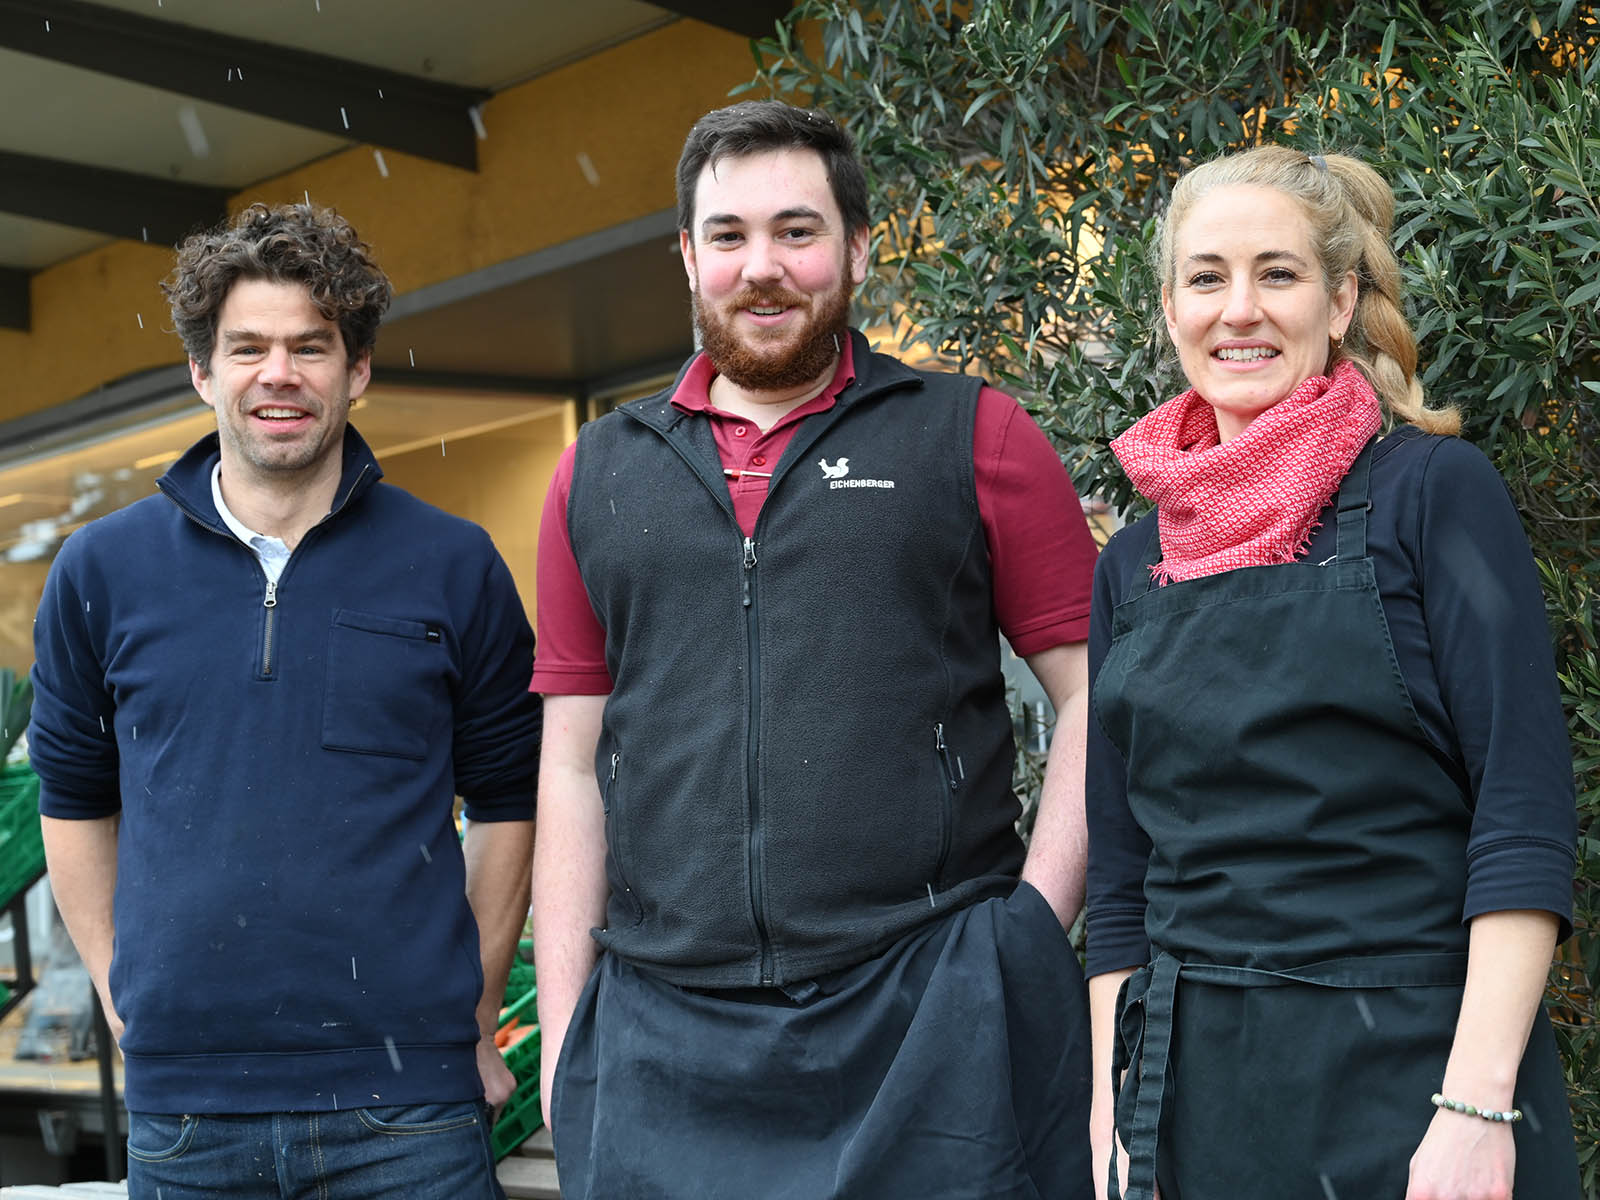 Samuel und Daniela Binkert freuen sich auf Fabian Gasser (Mitte). Er wird ab Mitte Februar die neue Metzgerei Eichenberger in der Wartau führen.